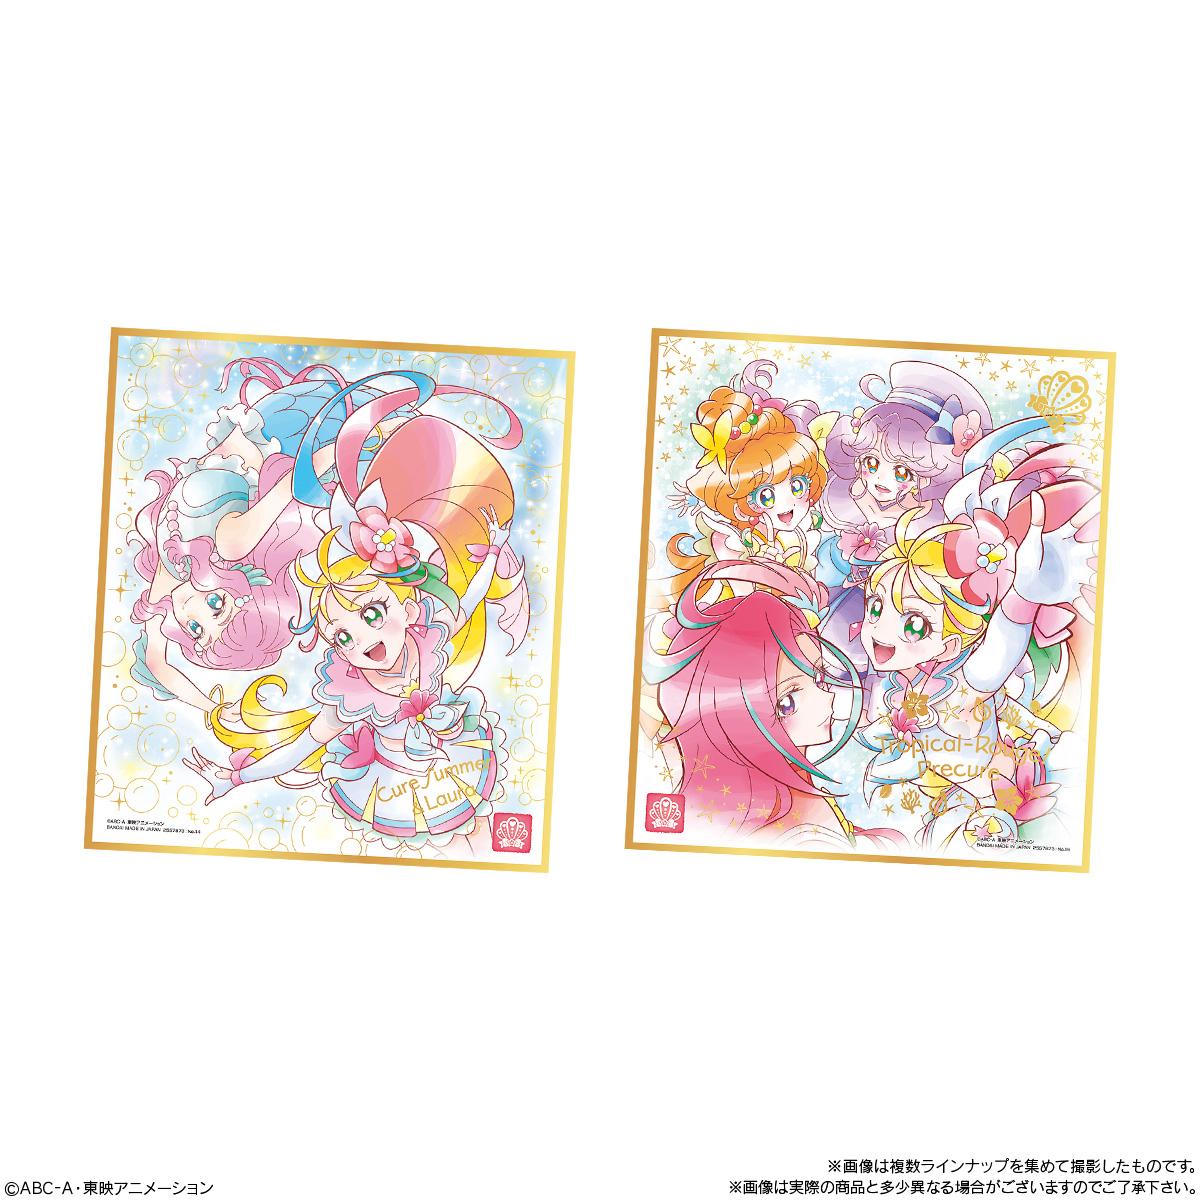 【食玩】プリキュア『プリキュア色紙ART4』10個入りBOX-006